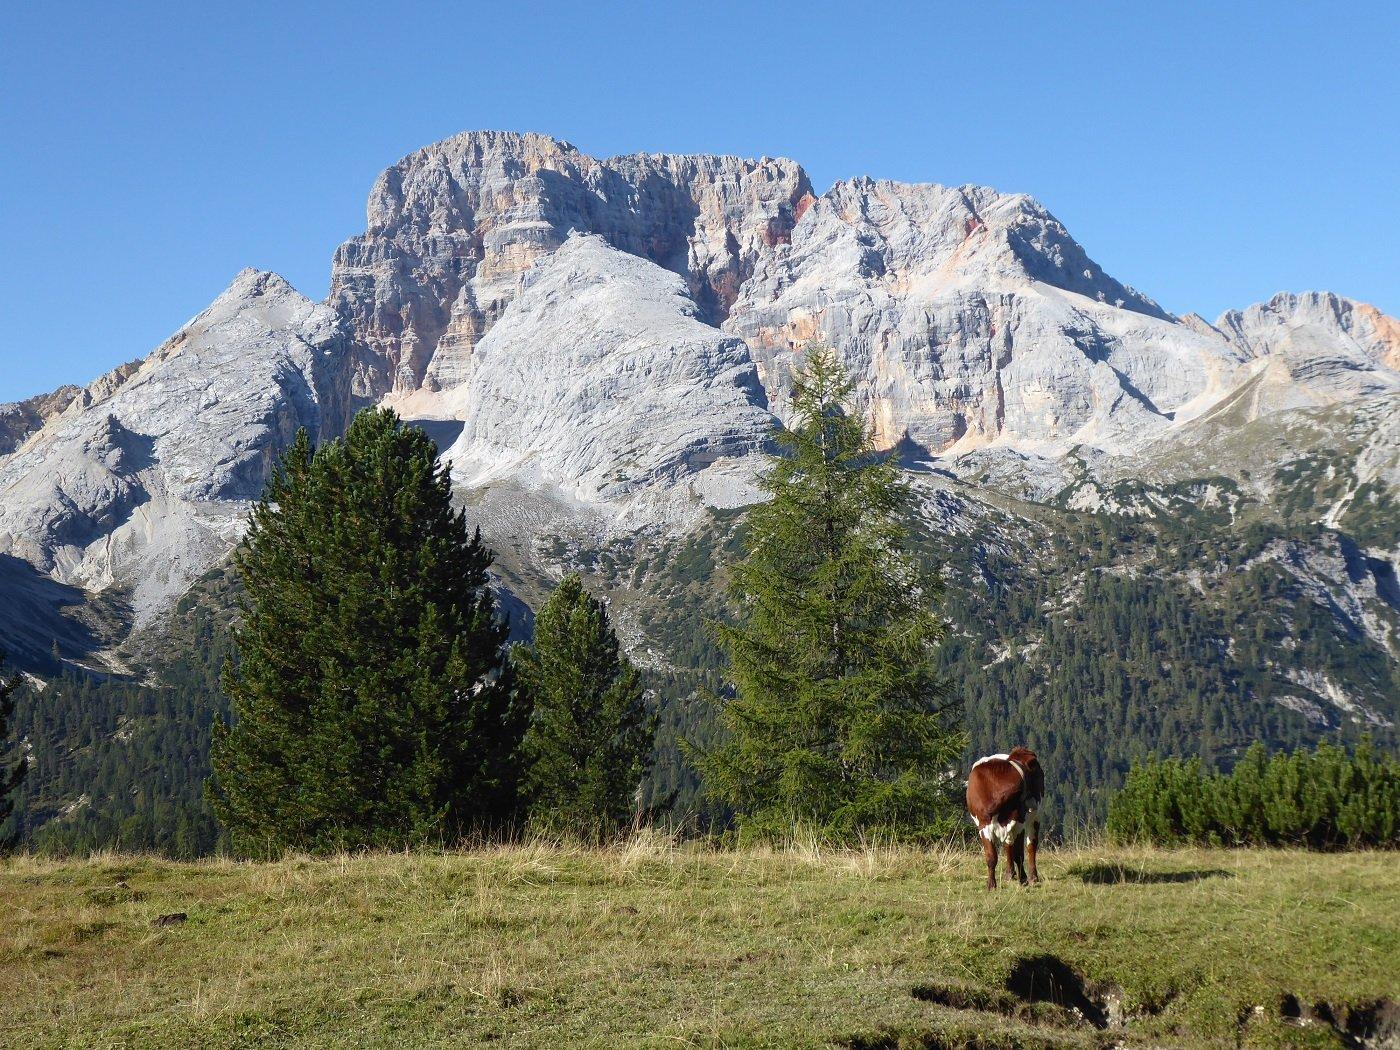 L'imponente Croda Rossa (Hohe Gaisl) dall'inizio del sentiero.